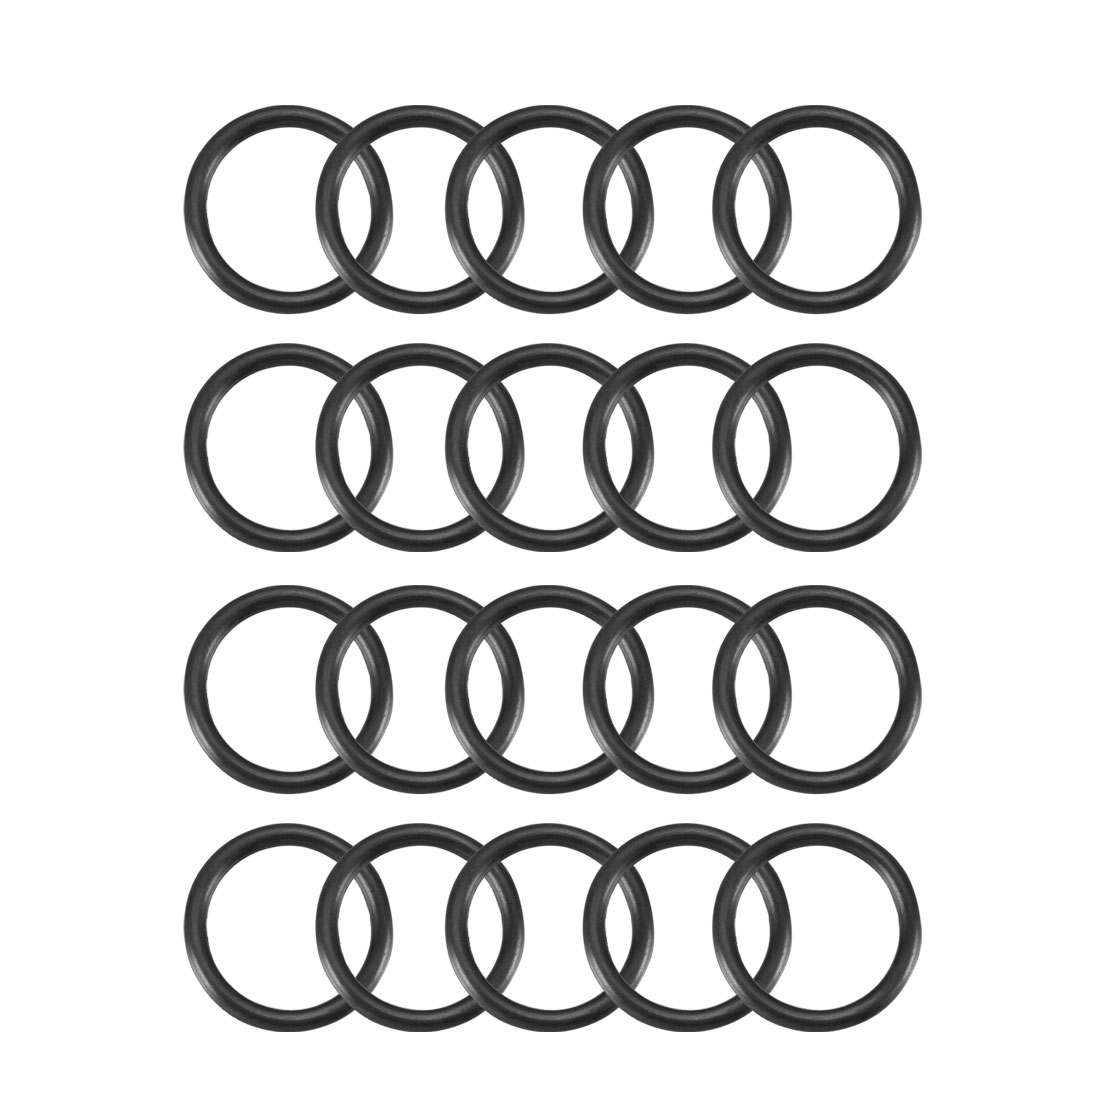 20pcs Black Nitrile Butadiene Rubber NBR O-Ring 12.42mm Inner Dia 1.78mm Width